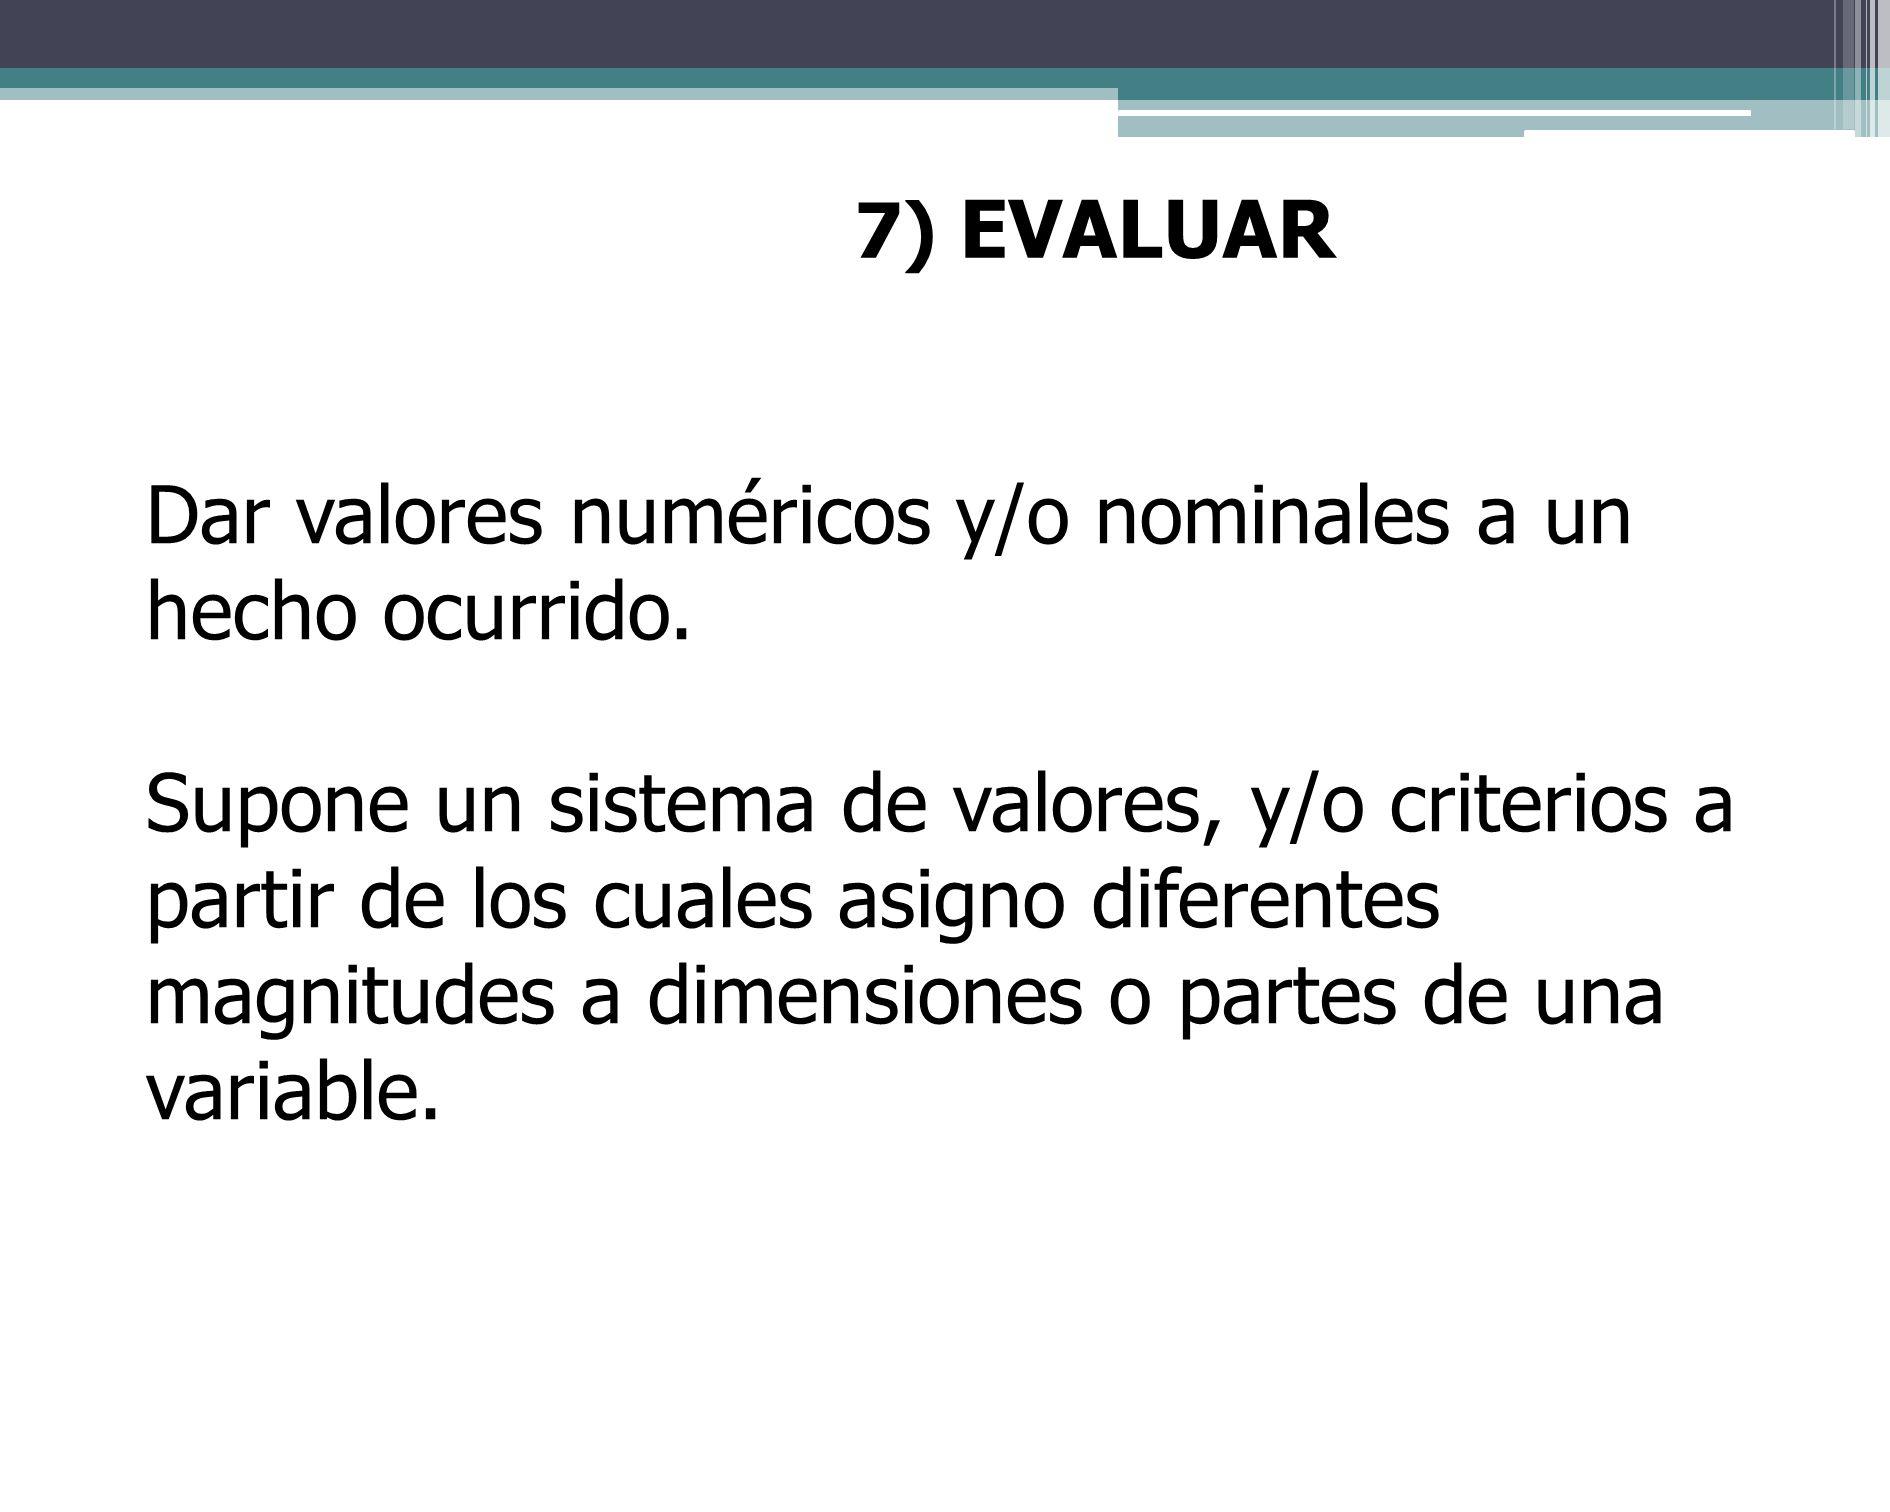 Dar valores numéricos y/o nominales a un hecho ocurrido.